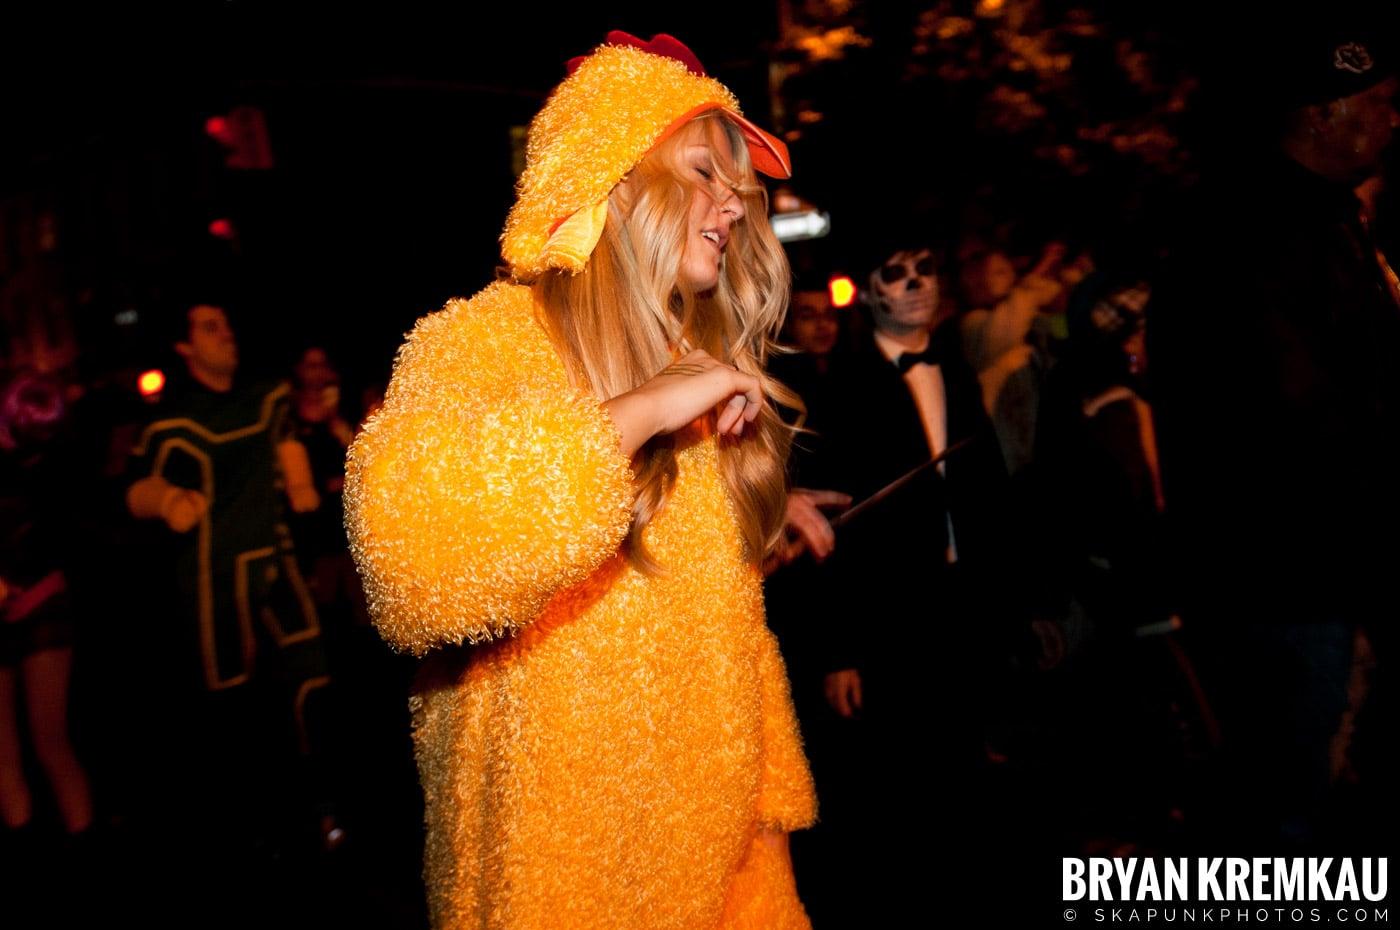 NYC Halloween Parade 2011 @ New York, NY - 10.31.11 (57)